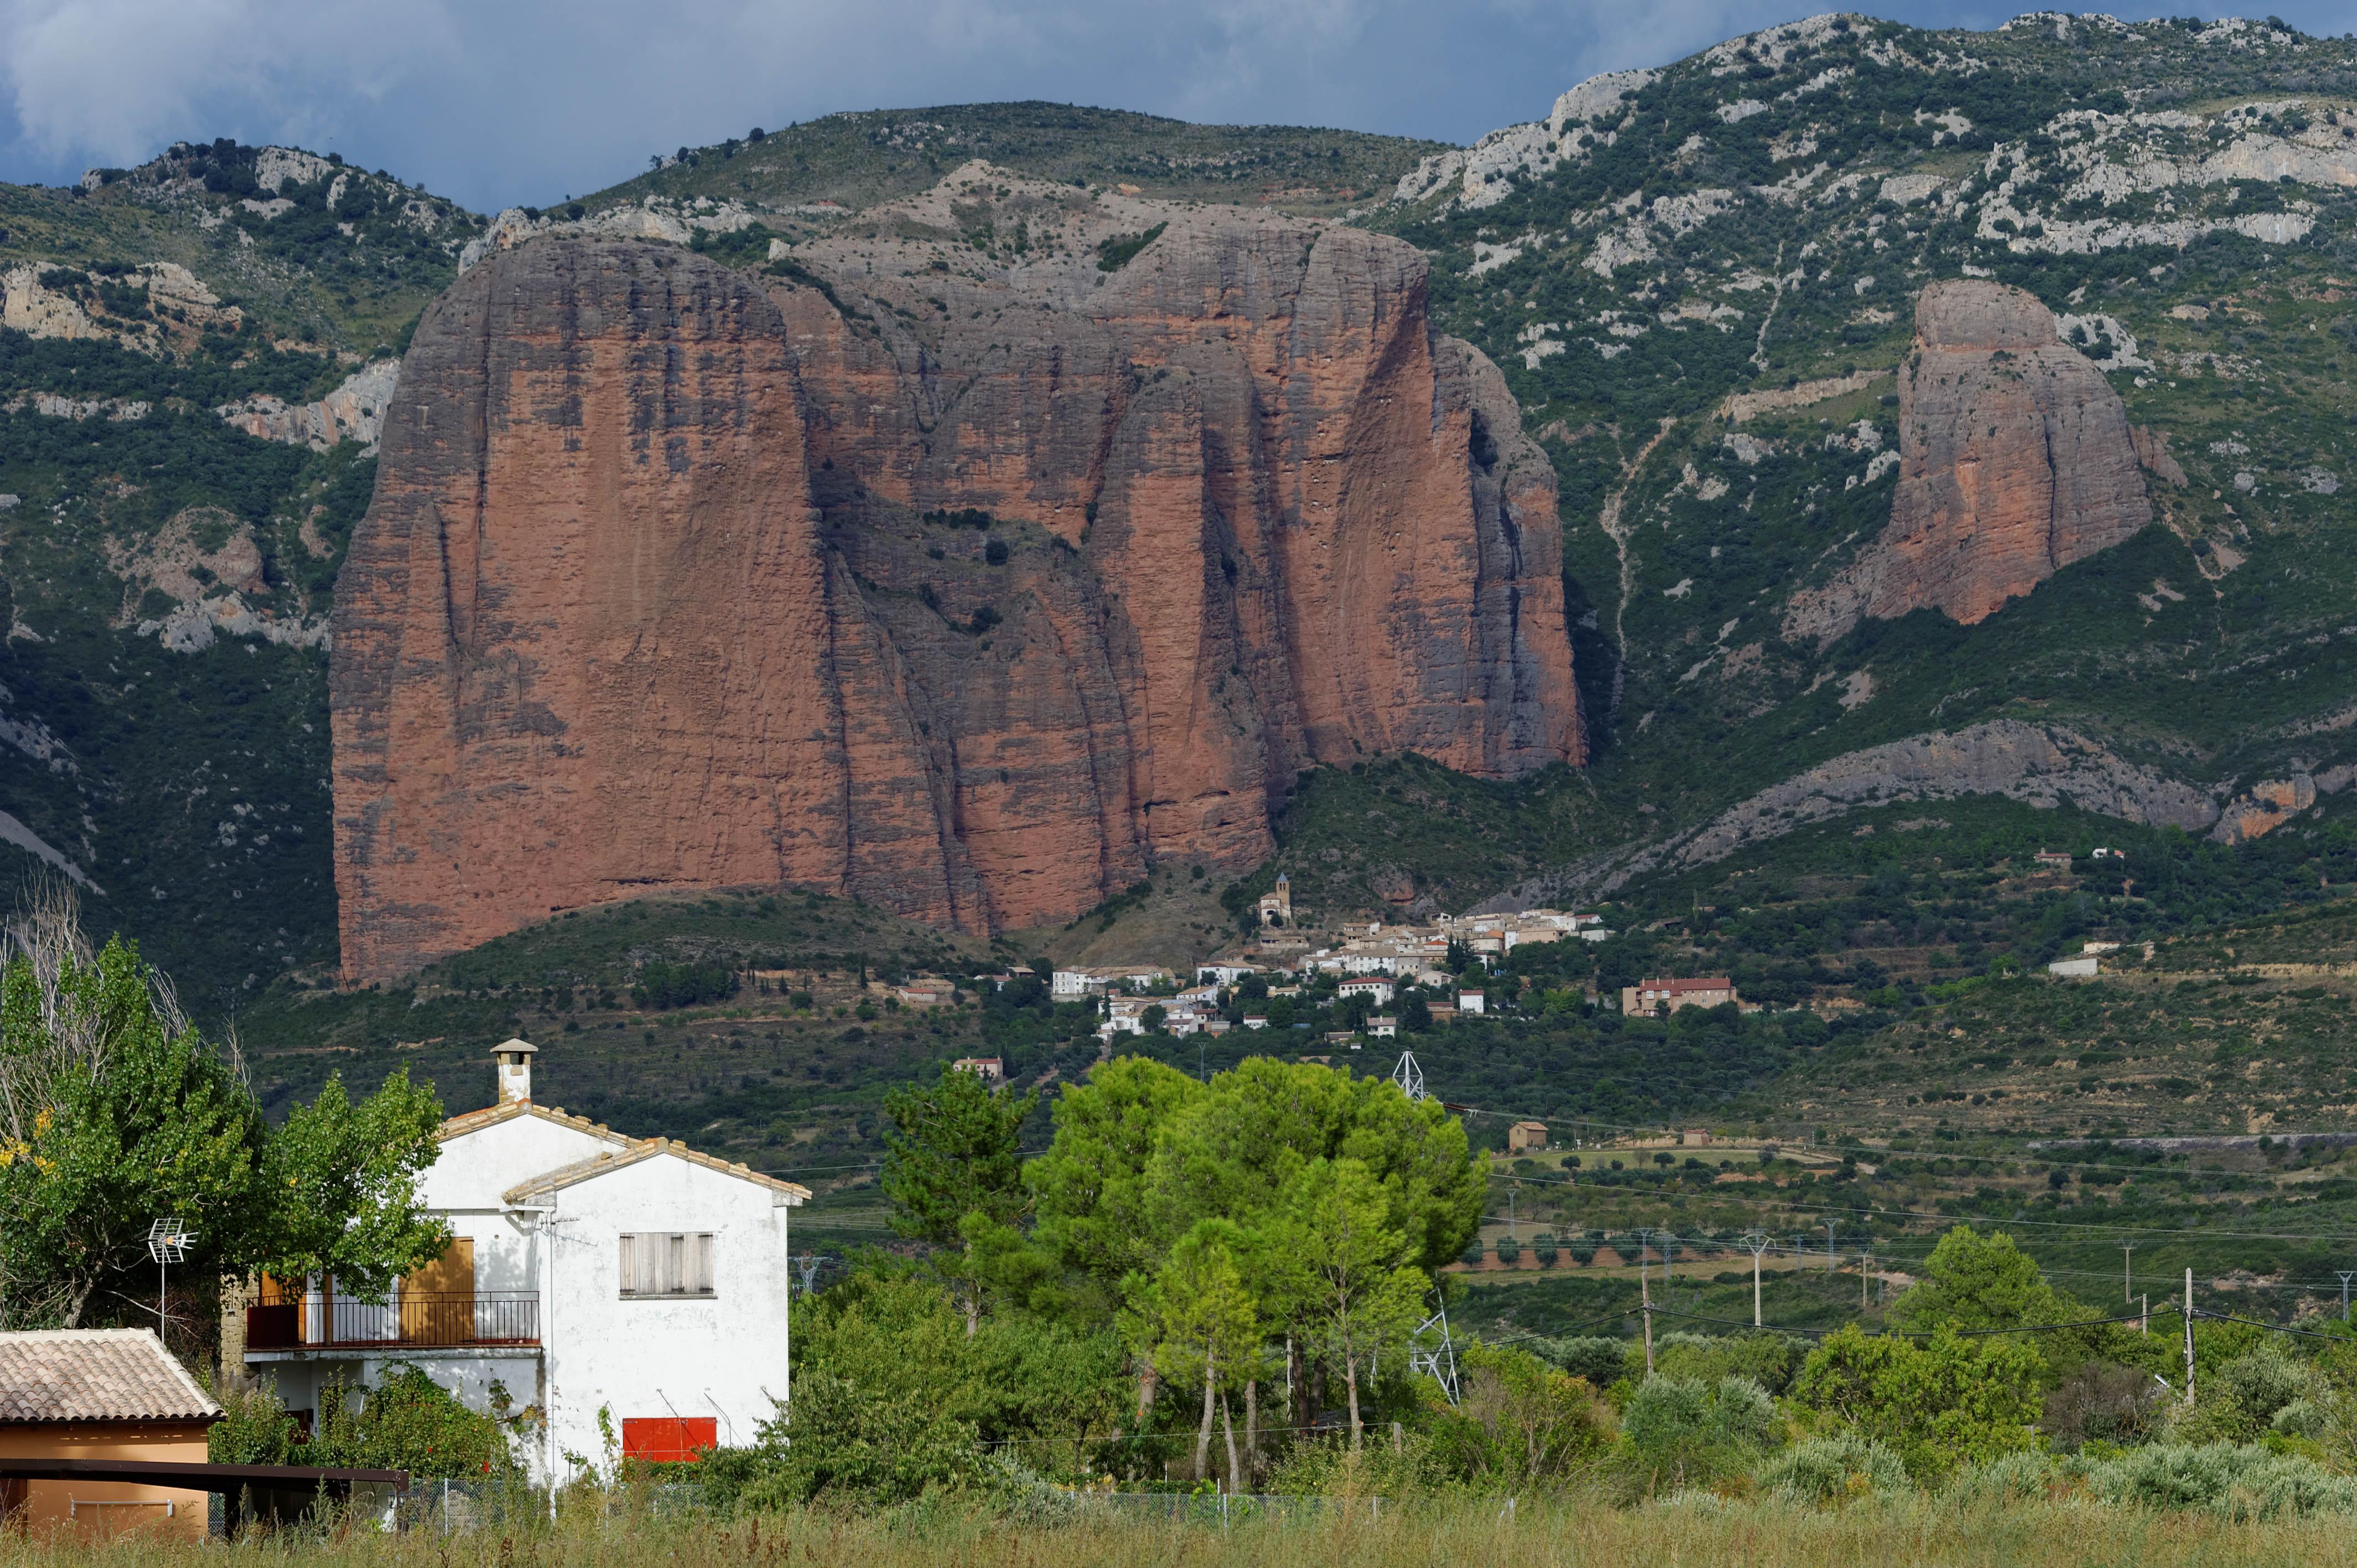 3543_Mallos de Riglos (Aragon)